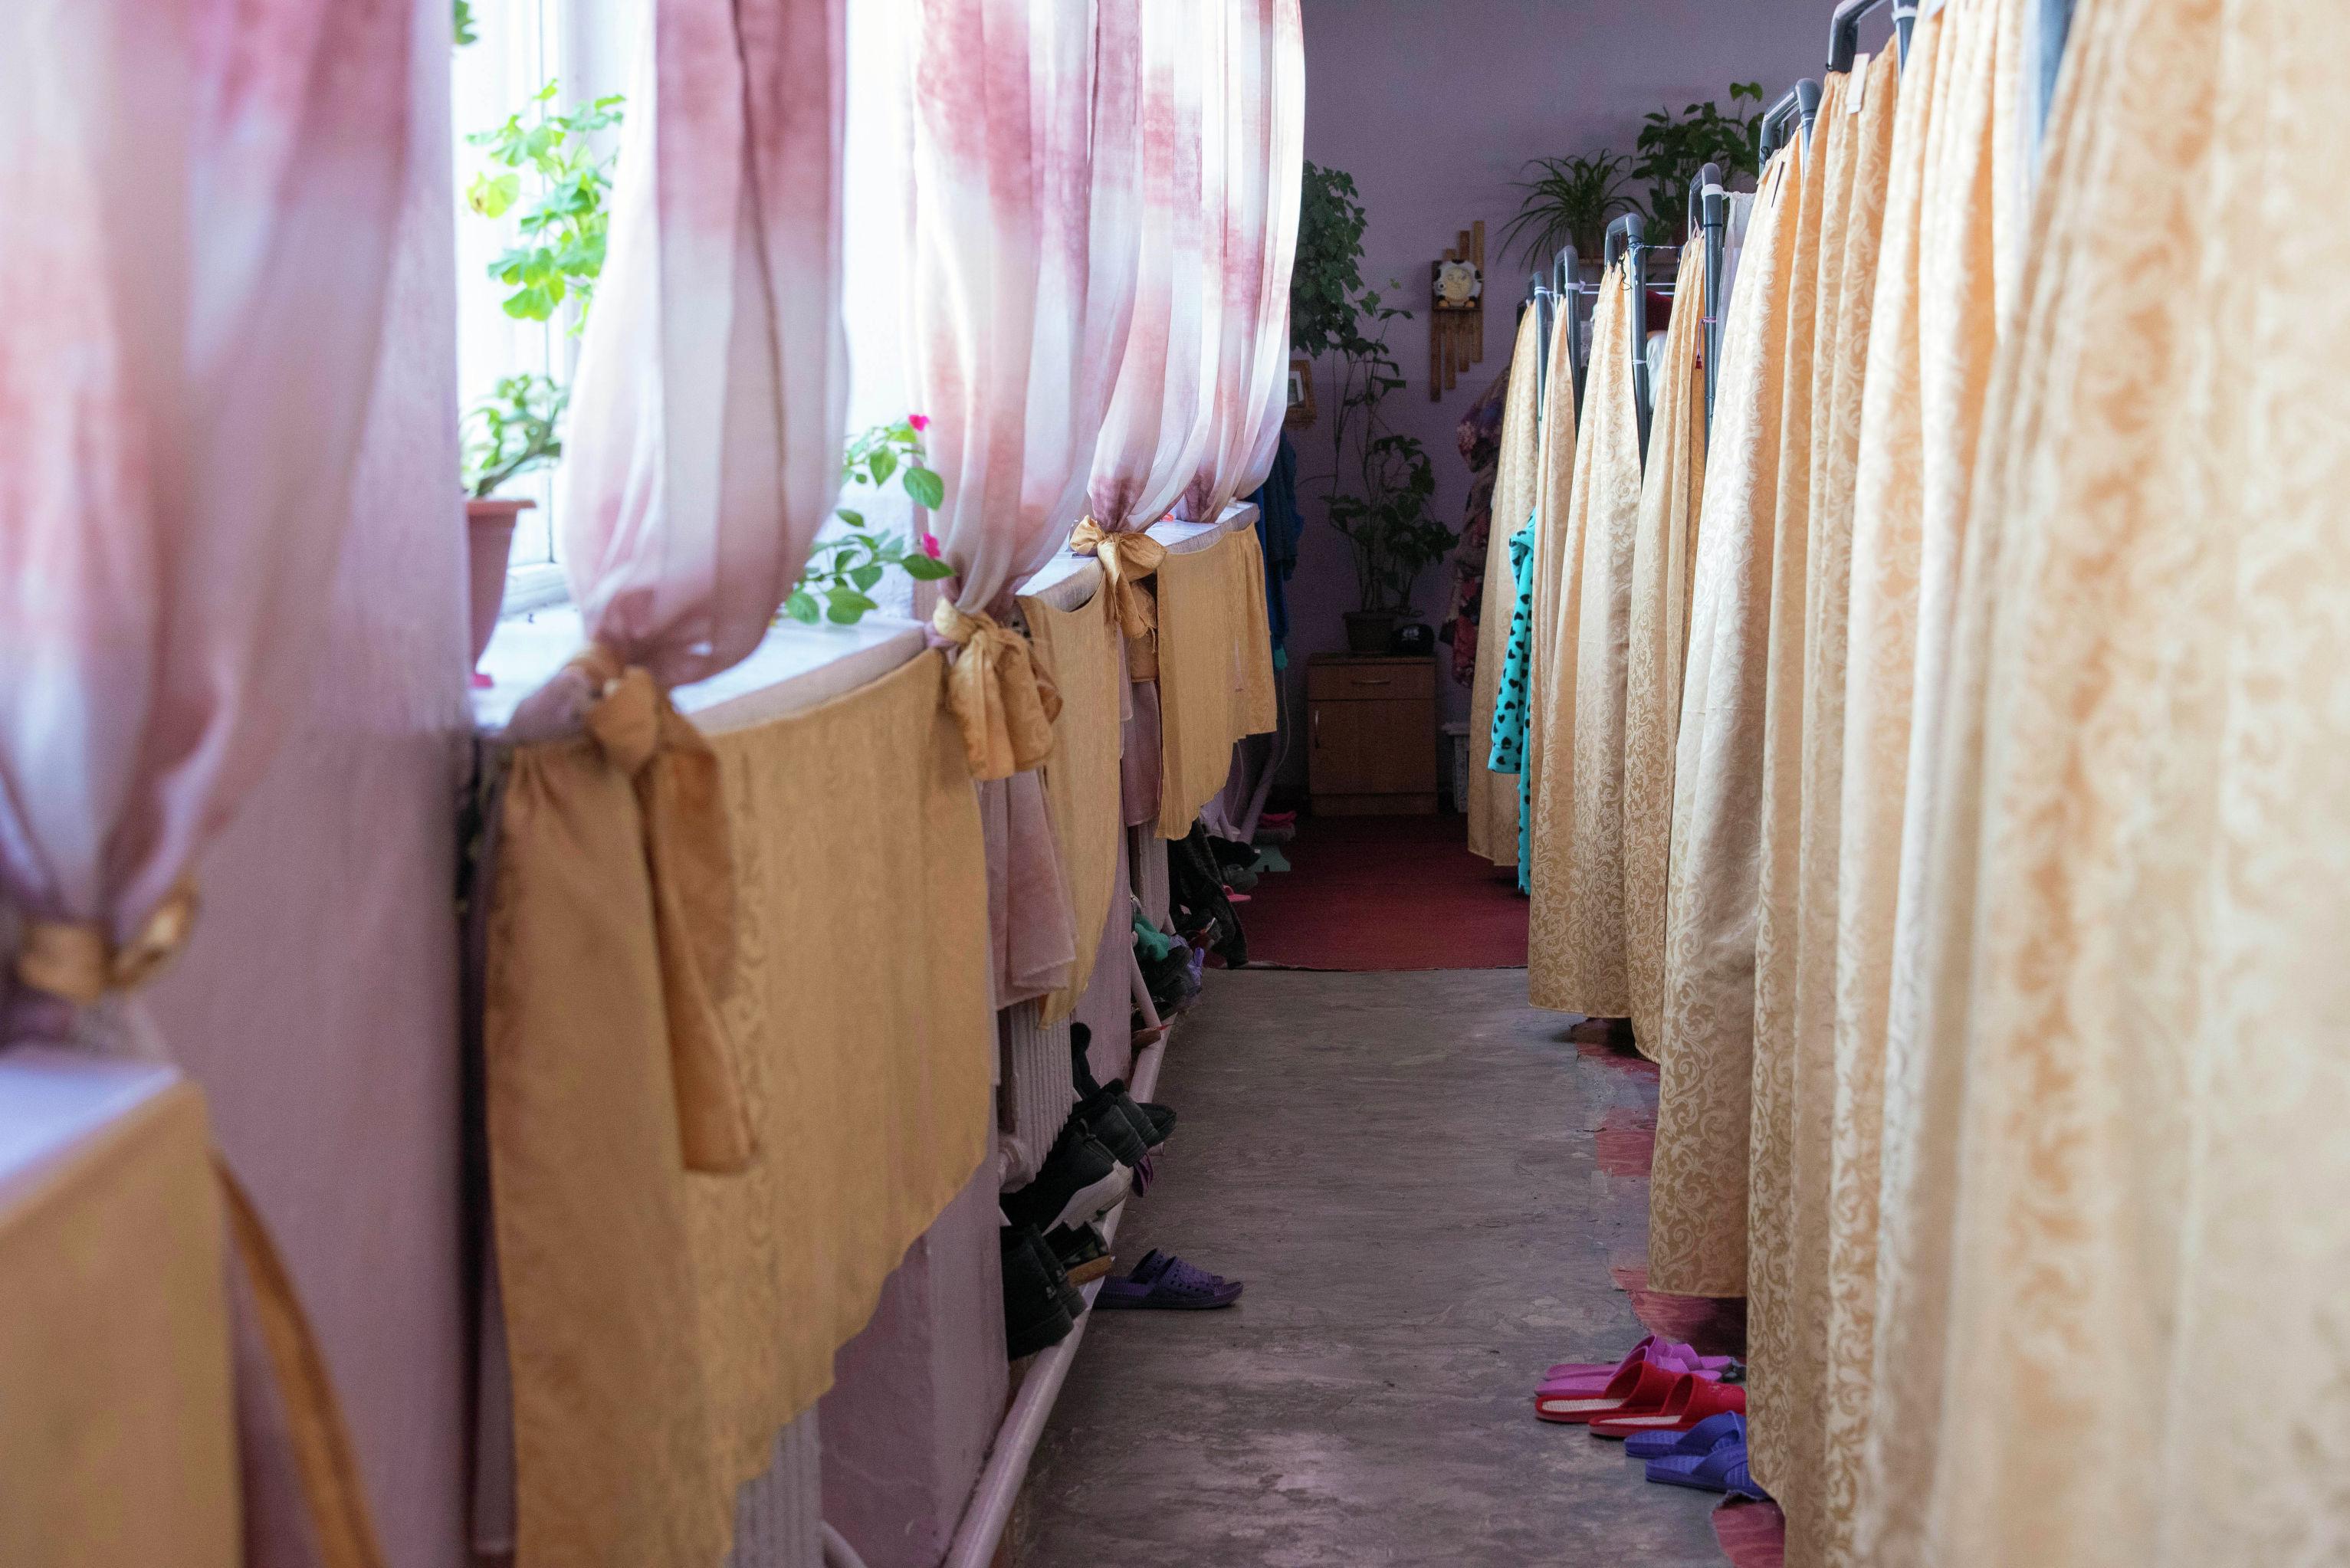 Общий барак для осужденных в женской исправительной колонии №2 в селе Степное